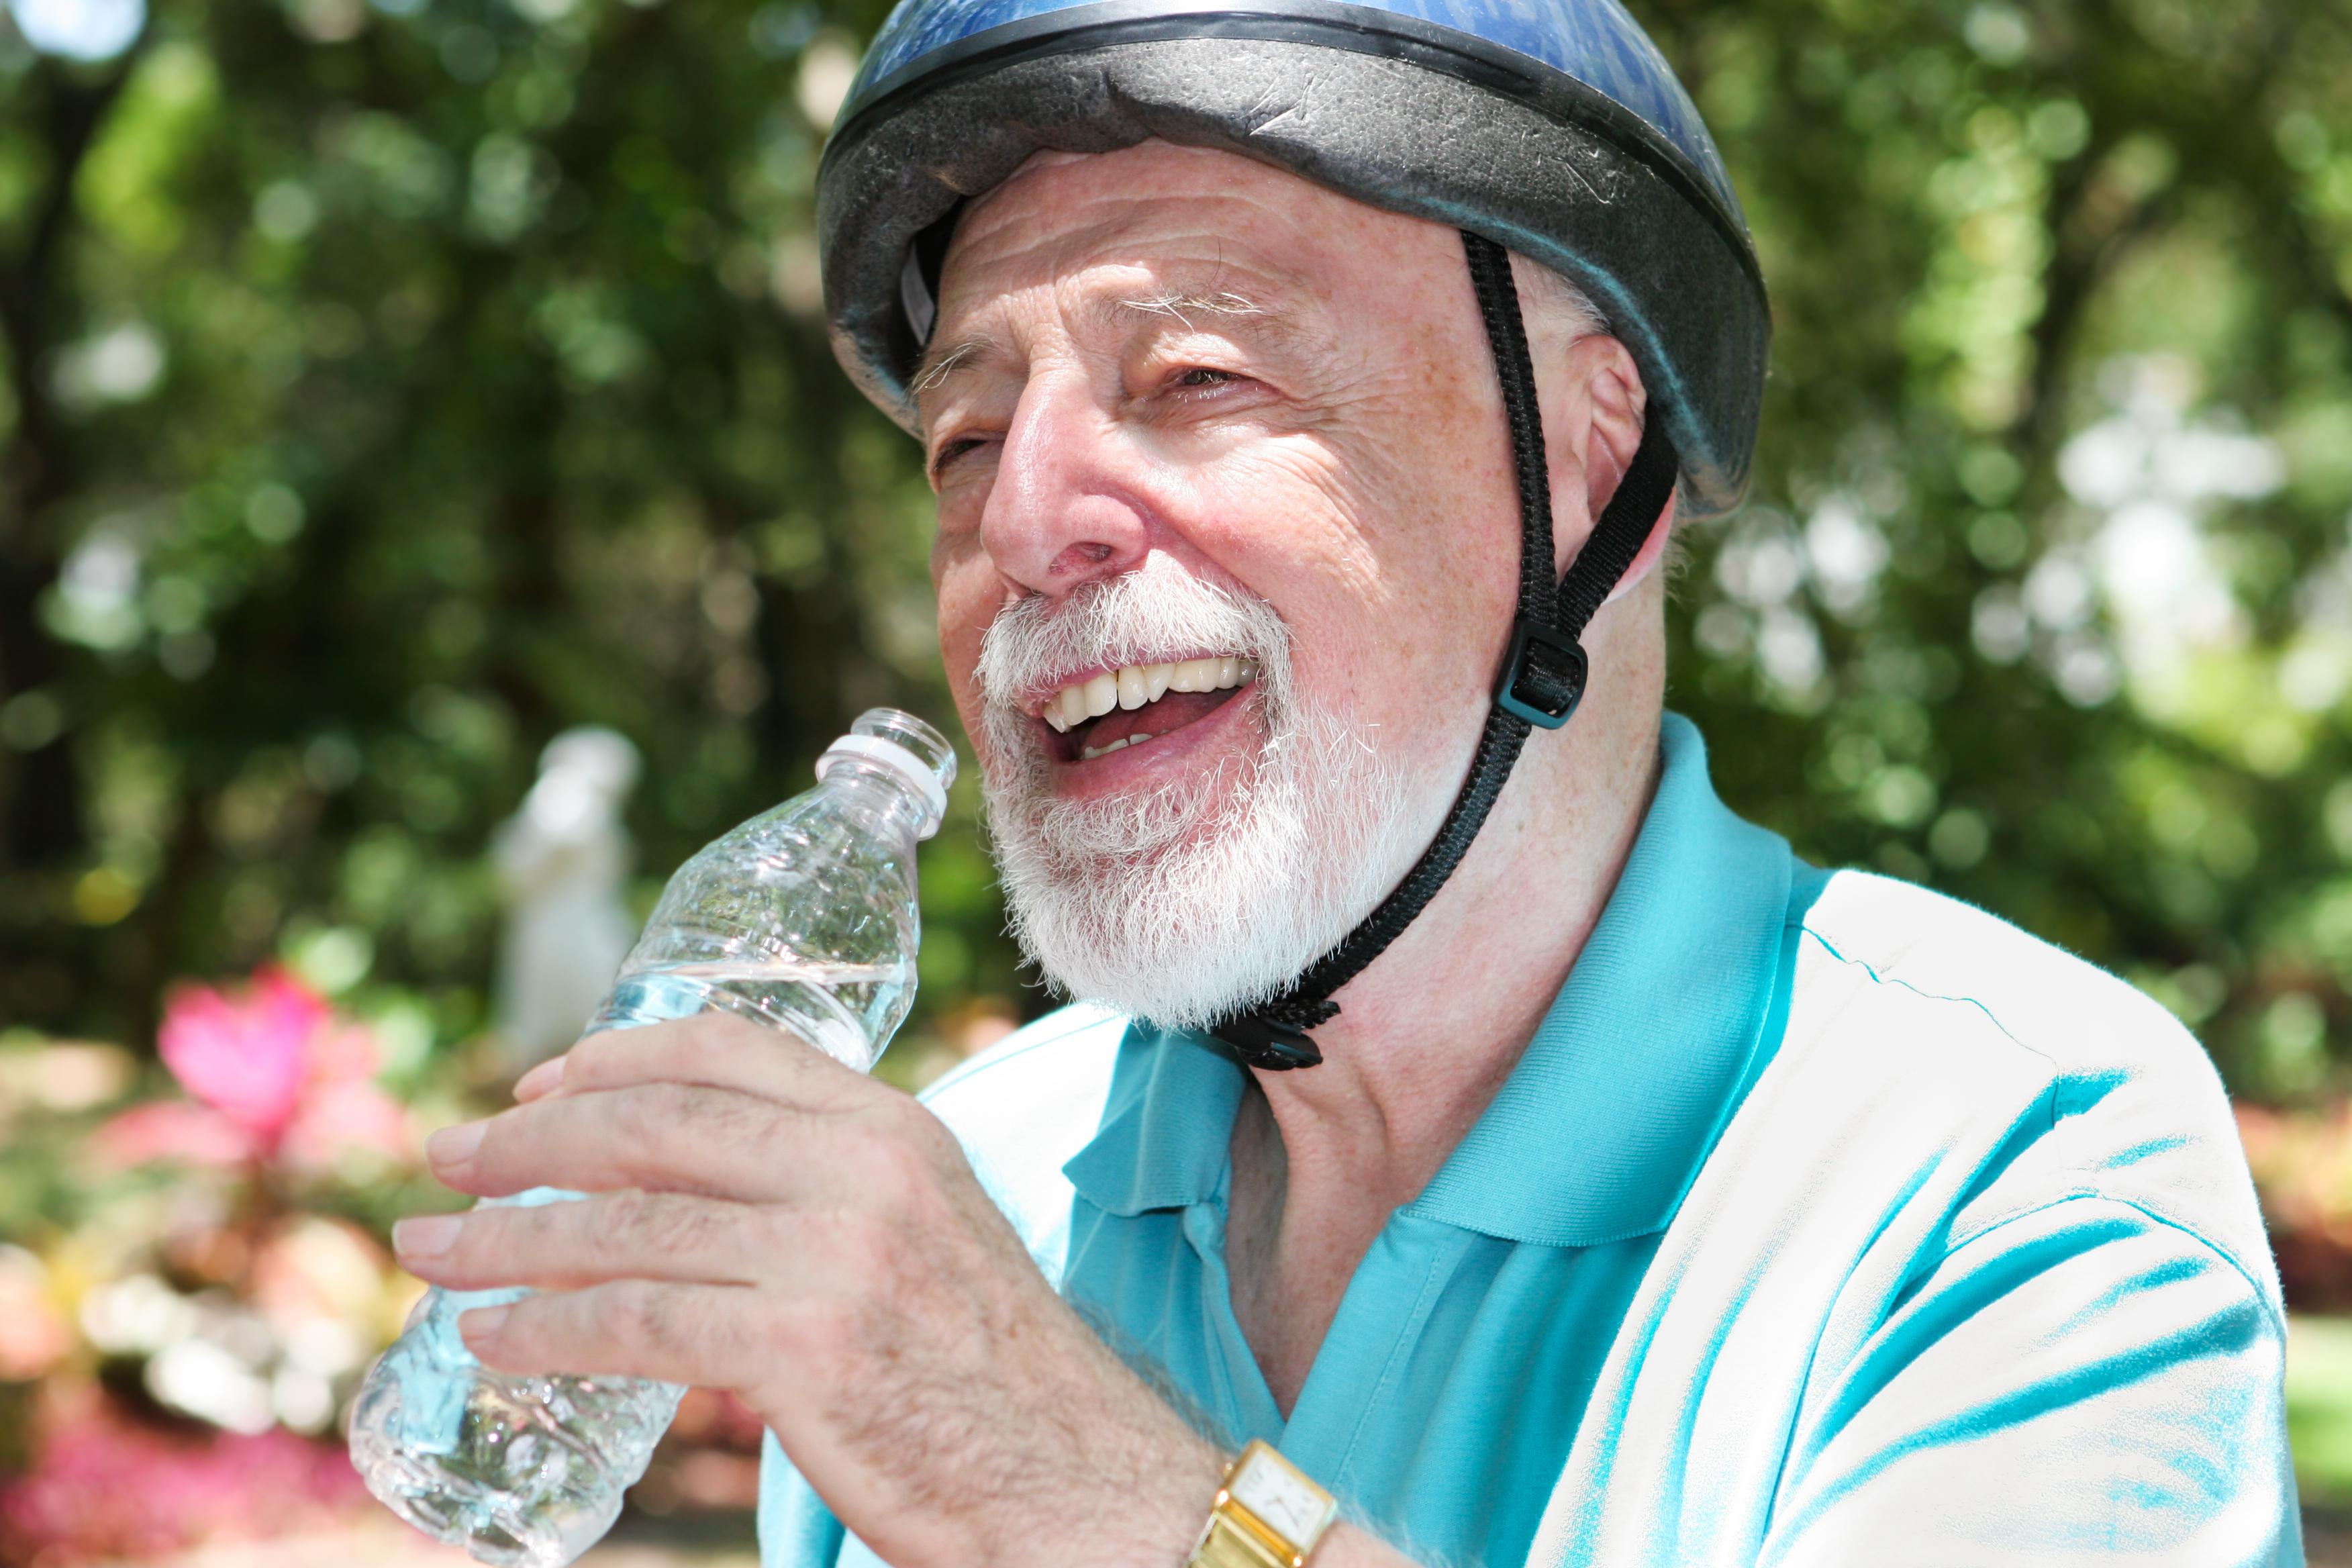 Beneficios de la hidratacion en personas mayores